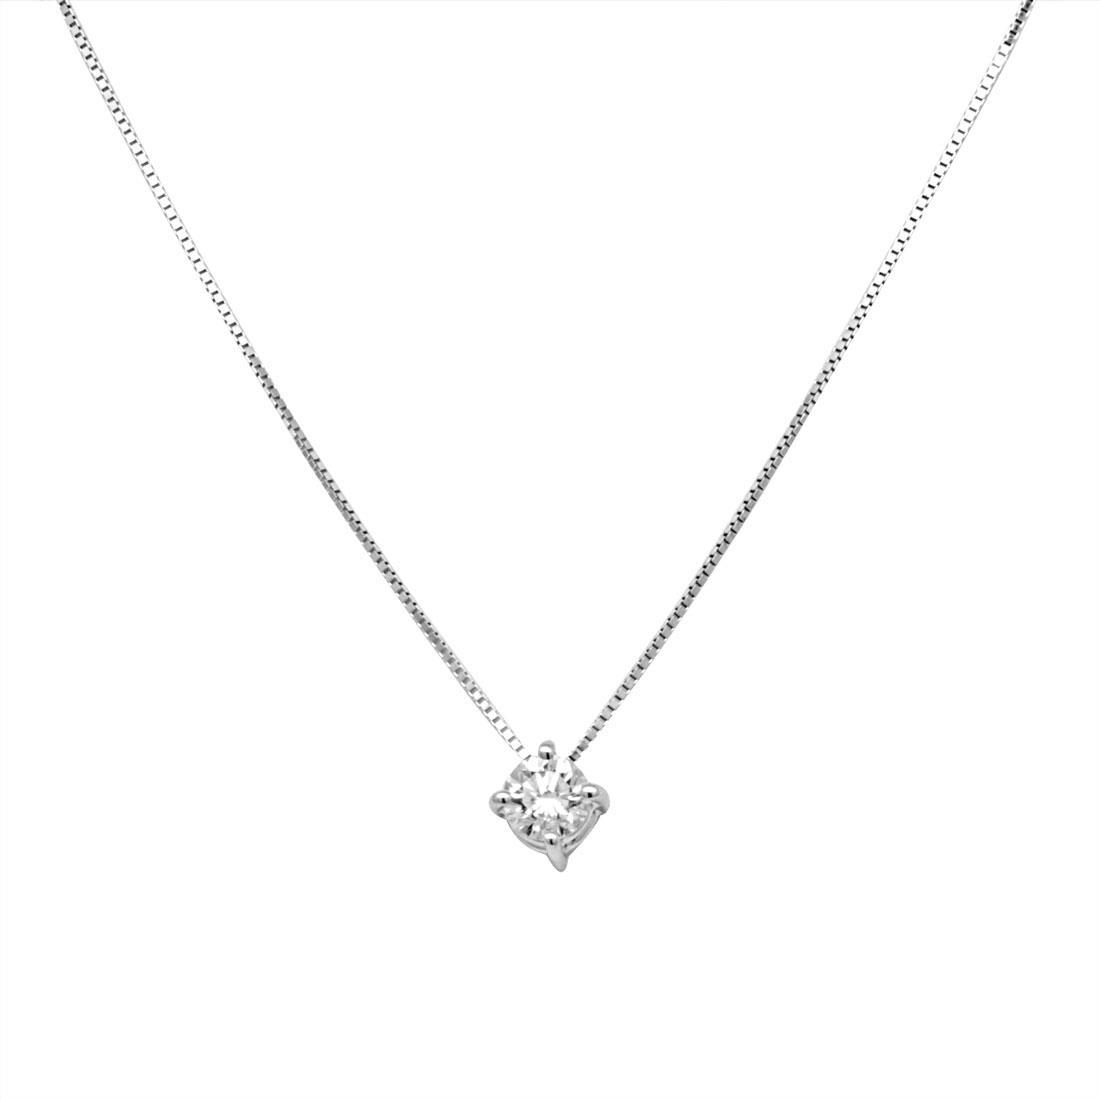 Collier punto luce in oro bianco con diamanti 0.20 ct  - ALFIERI & ST.JOHN